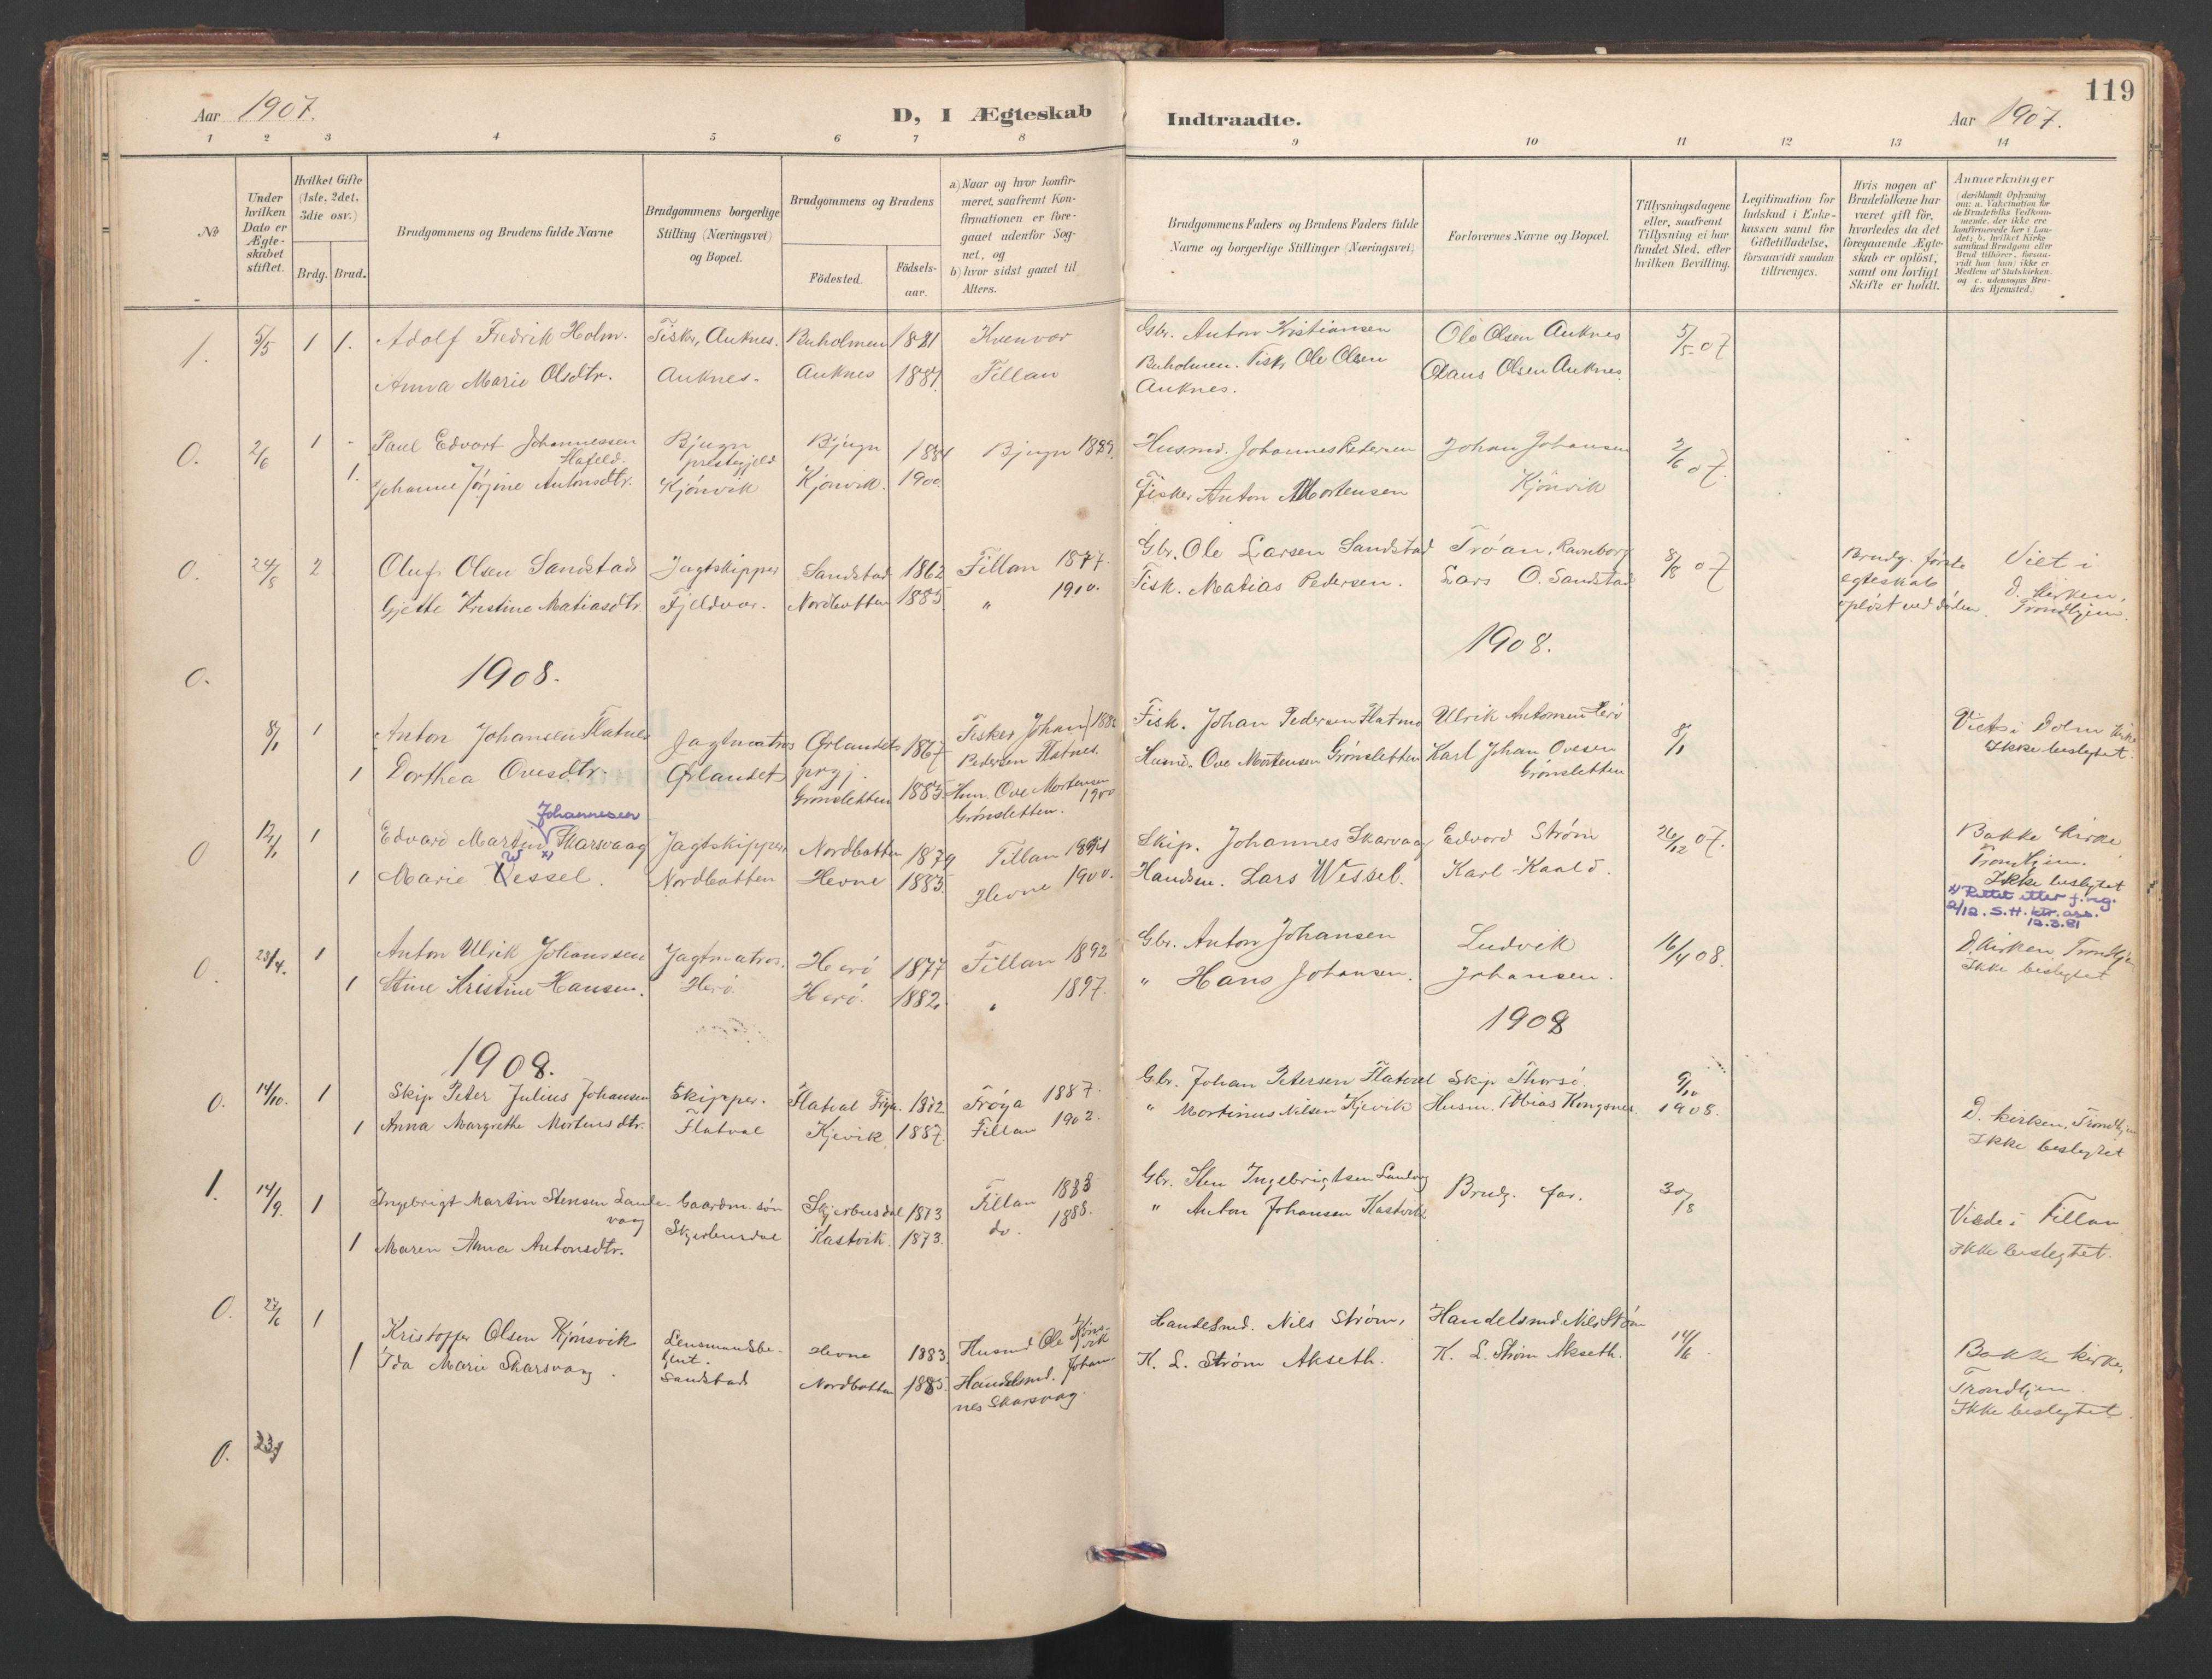 SAT, Ministerialprotokoller, klokkerbøker og fødselsregistre - Sør-Trøndelag, 638/L0571: Klokkerbok nr. 638C03, 1901-1930, s. 119